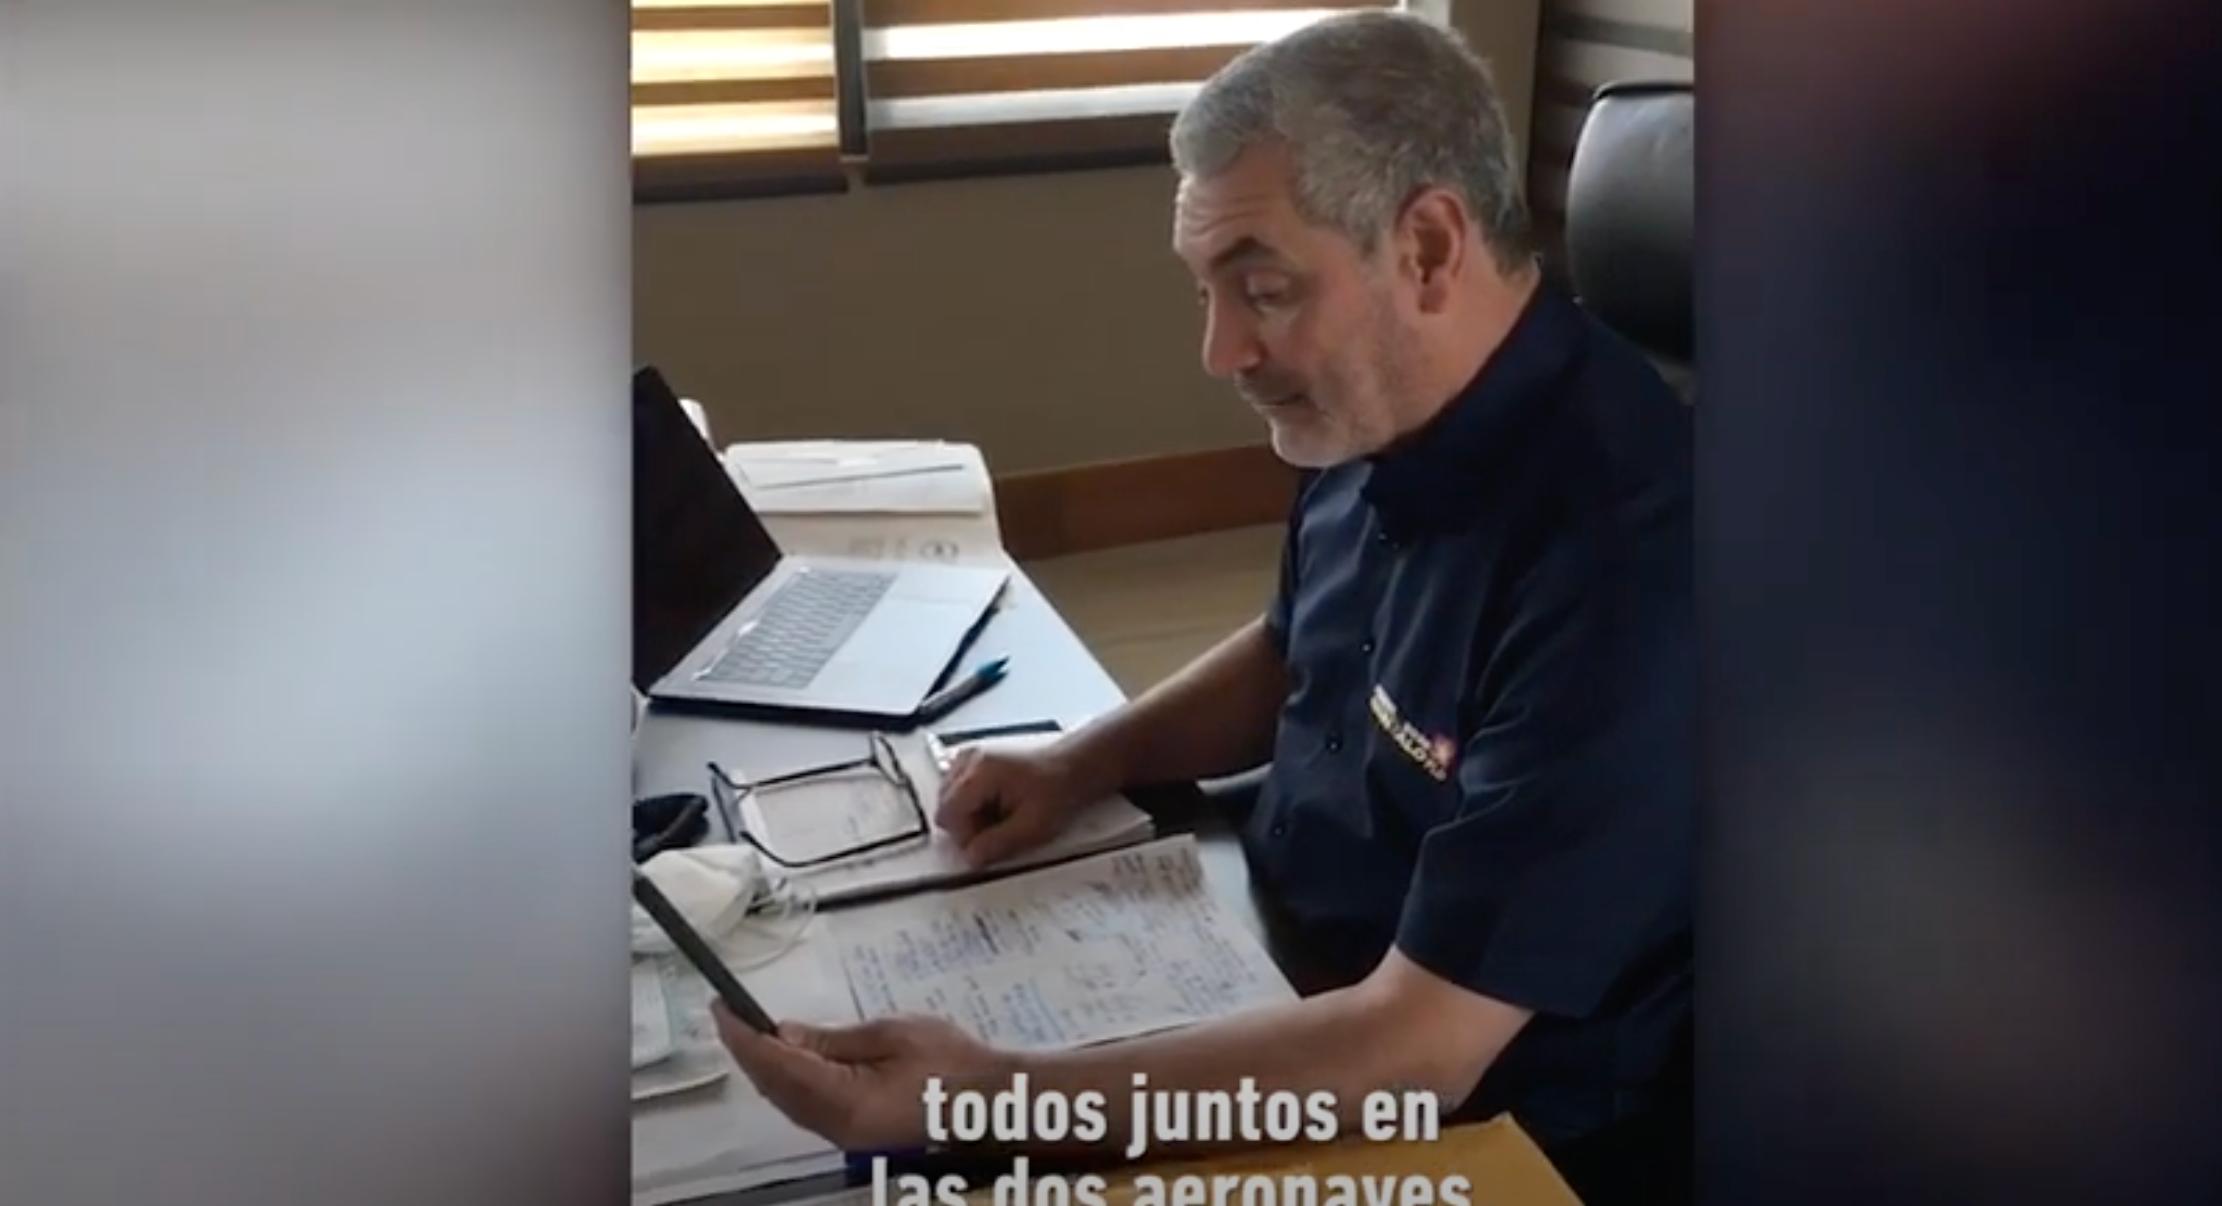 Mientras Gonzalo Castillo fue ministro, Helidosa habría triplicado sus aeronaves y recibido RD$30 millones mensuales de ministerios